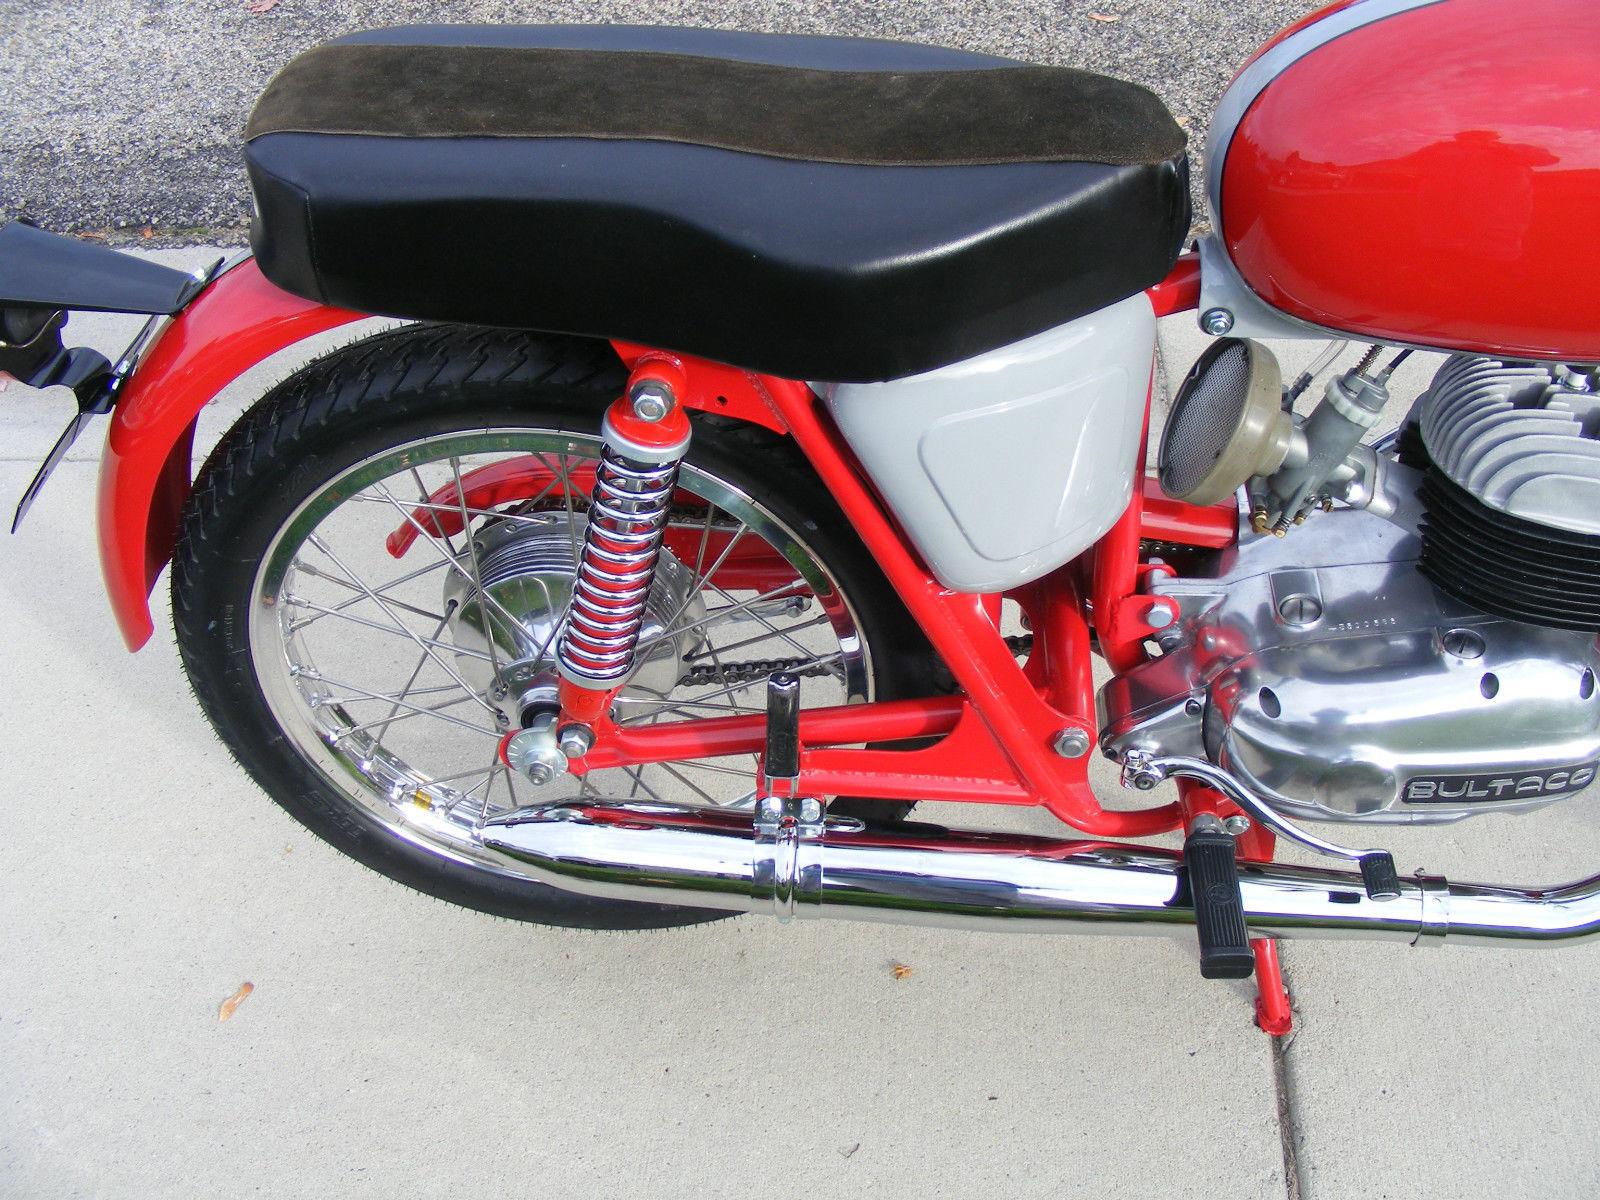 Restored Bultaco Mercurio - 1966 Photographs at Classic